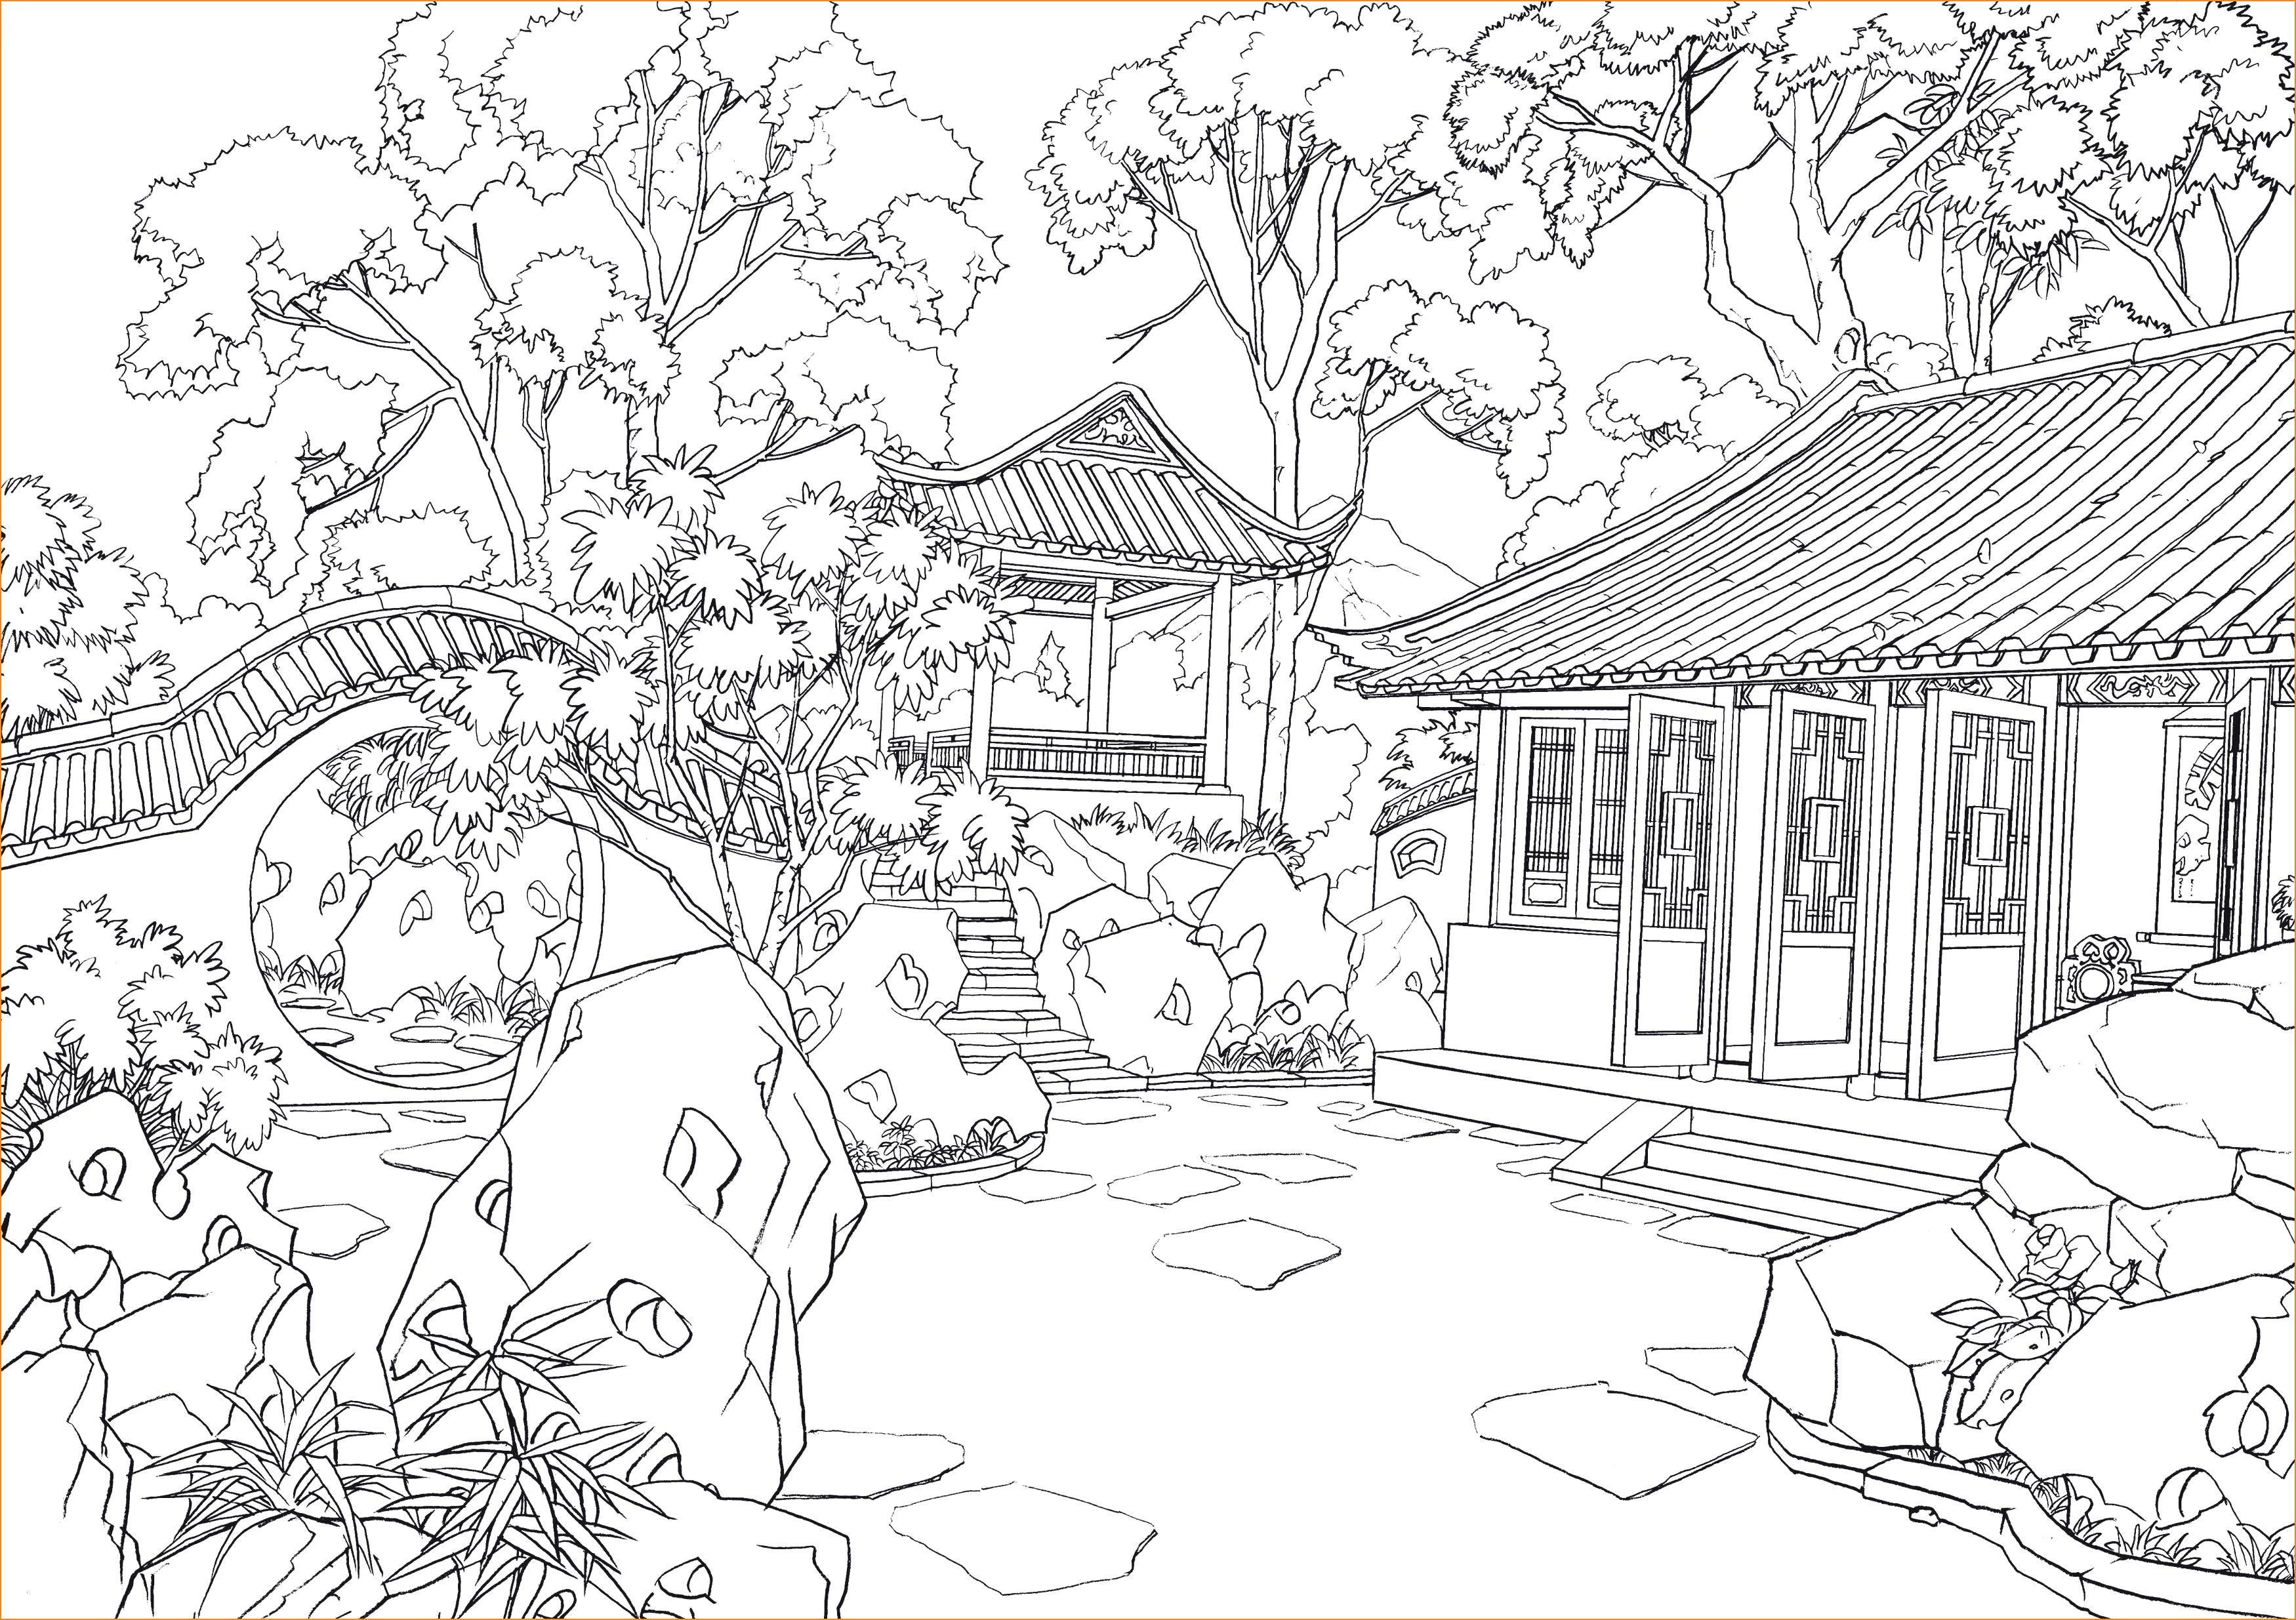 Haus Mit Garten Ausmalbild Einzigartig Ausmalbilder Haus Von Innen Neu Blechtiere Für Garten Schön 45 Avec Bilder